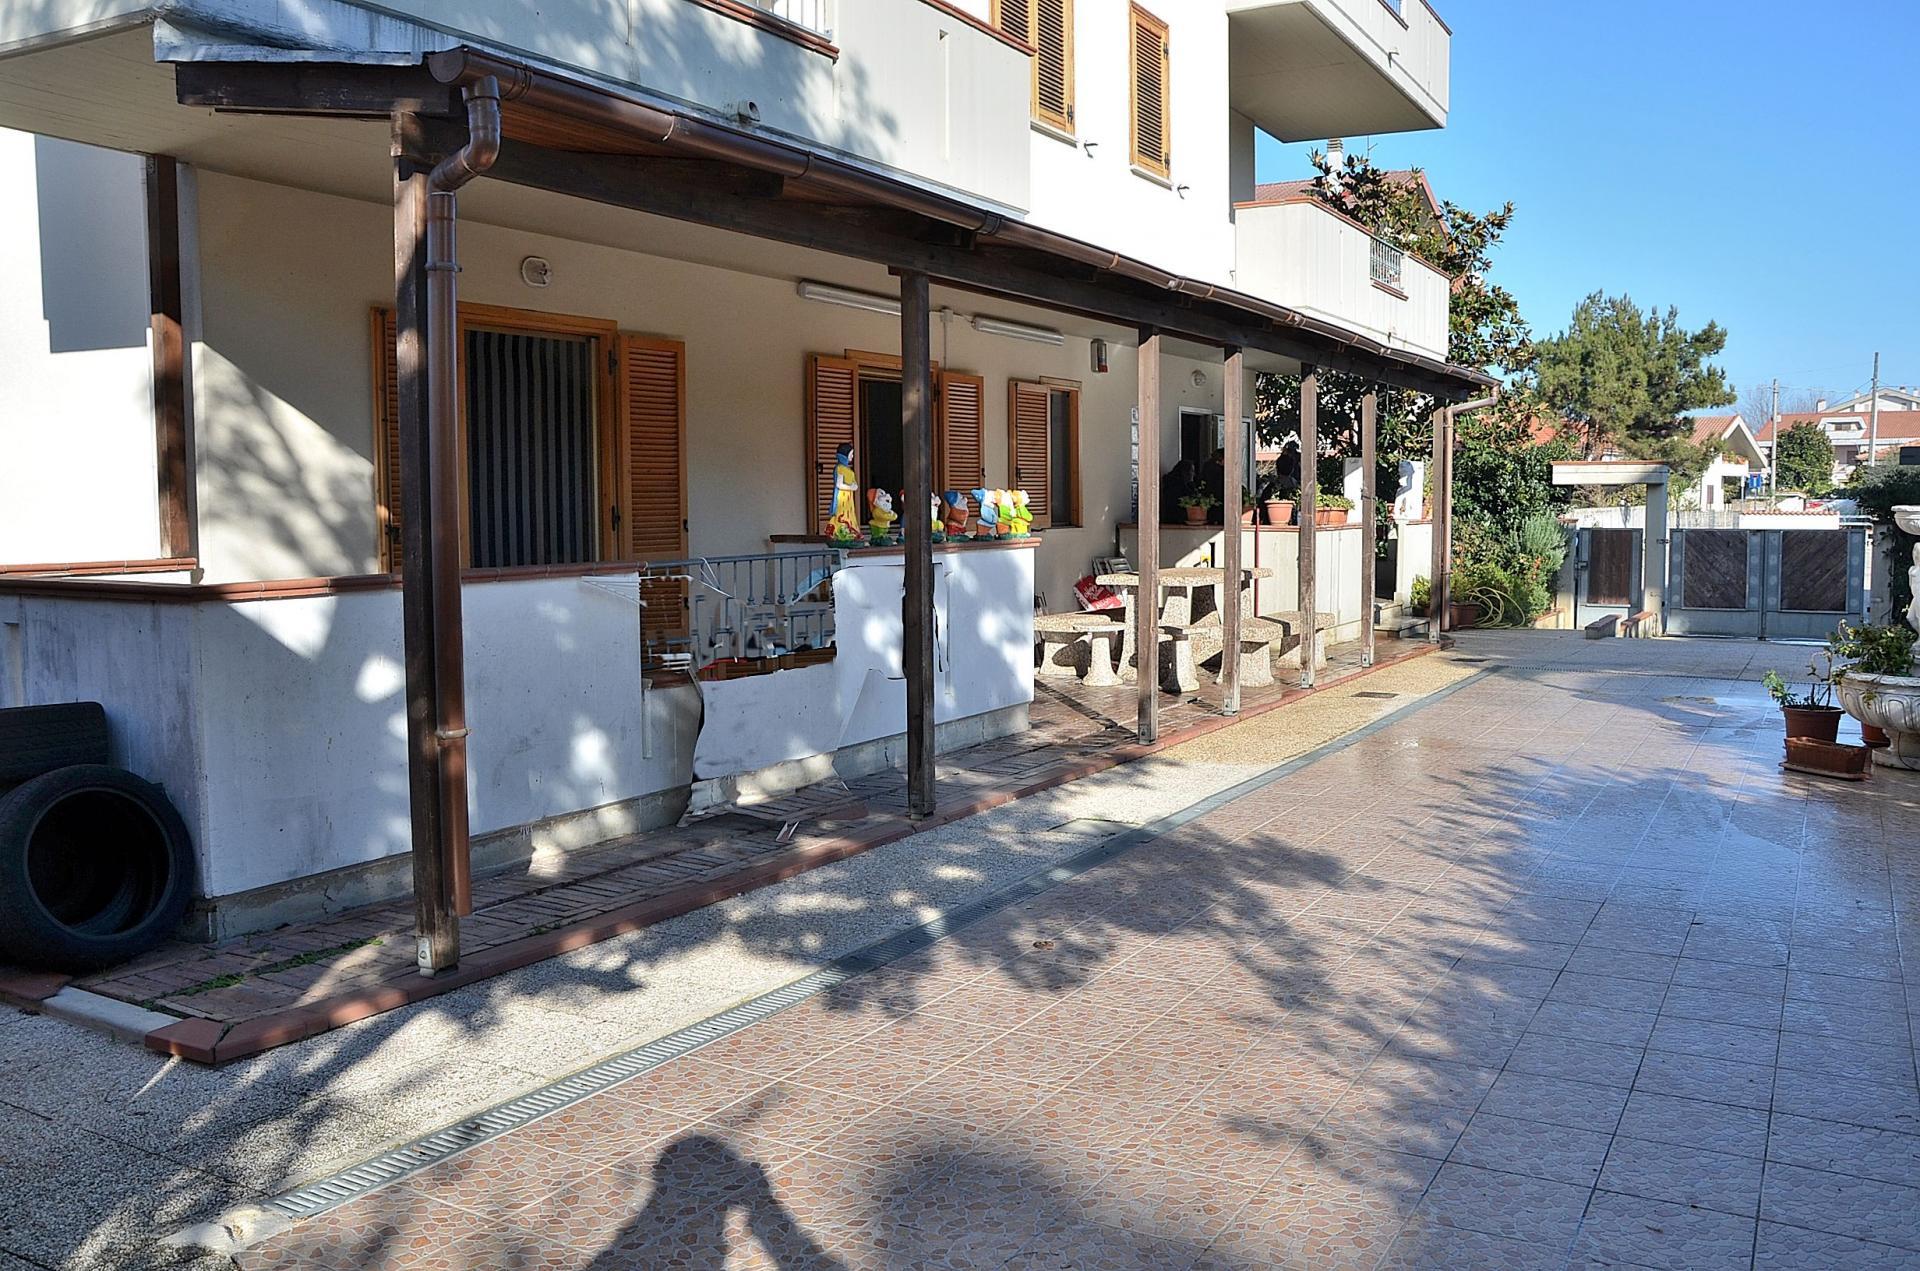 Appartamento in vendita a Città Sant'Angelo, 4 locali, zona Località: SanMartinoBassa, prezzo € 174.000 | CambioCasa.it